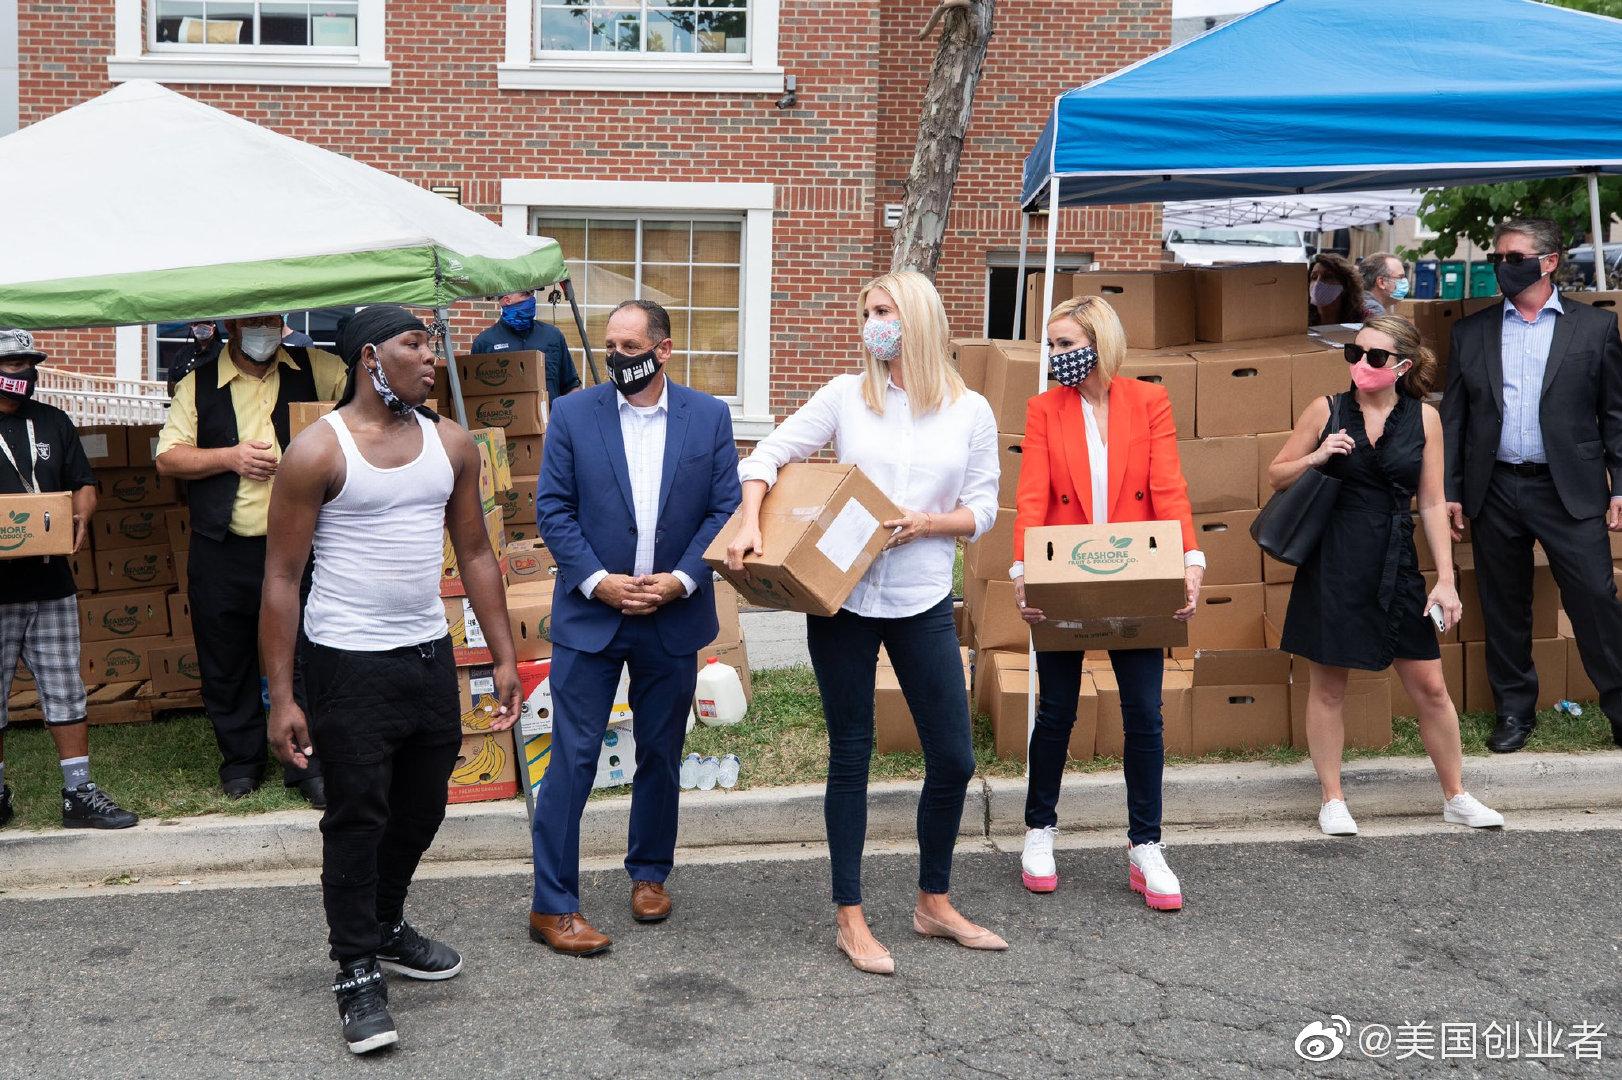 美国第一公主Ivanka Trump伊万卡今天在华盛顿参加给穷人送食品公益活